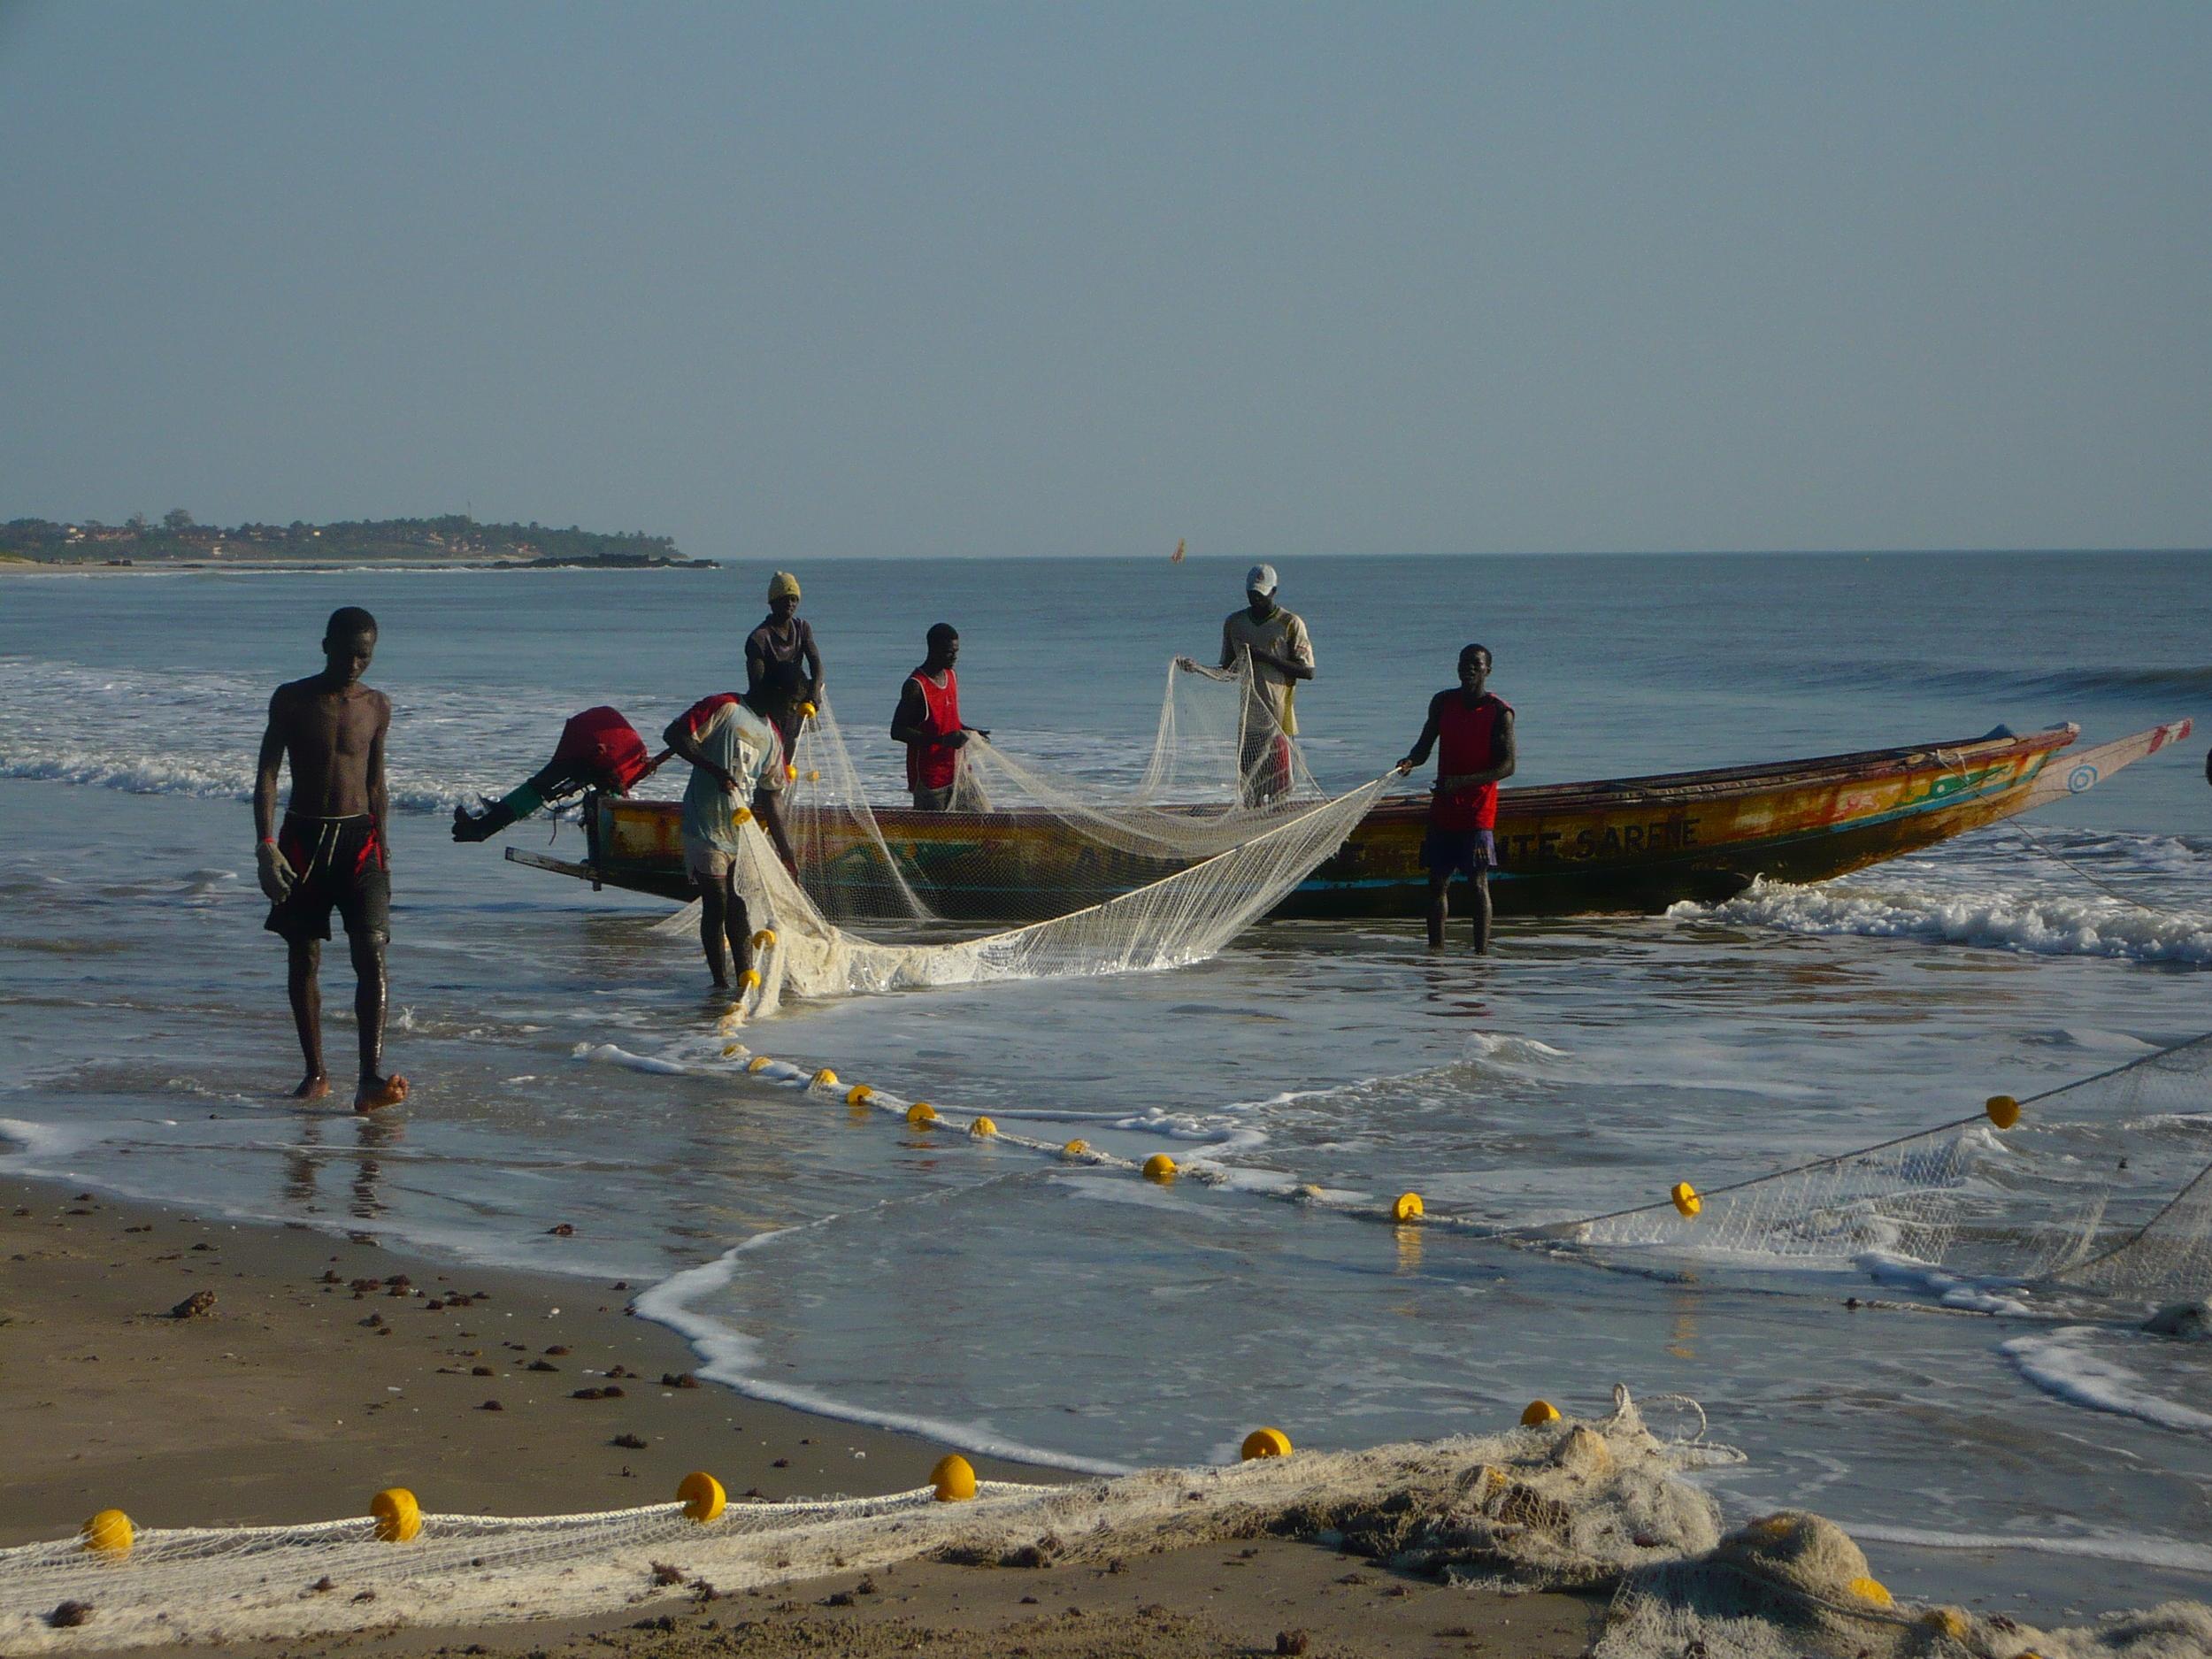 Des pêcheurs dans la région sénégalaise de la Casamance (Eduard Garcia/Flickr)